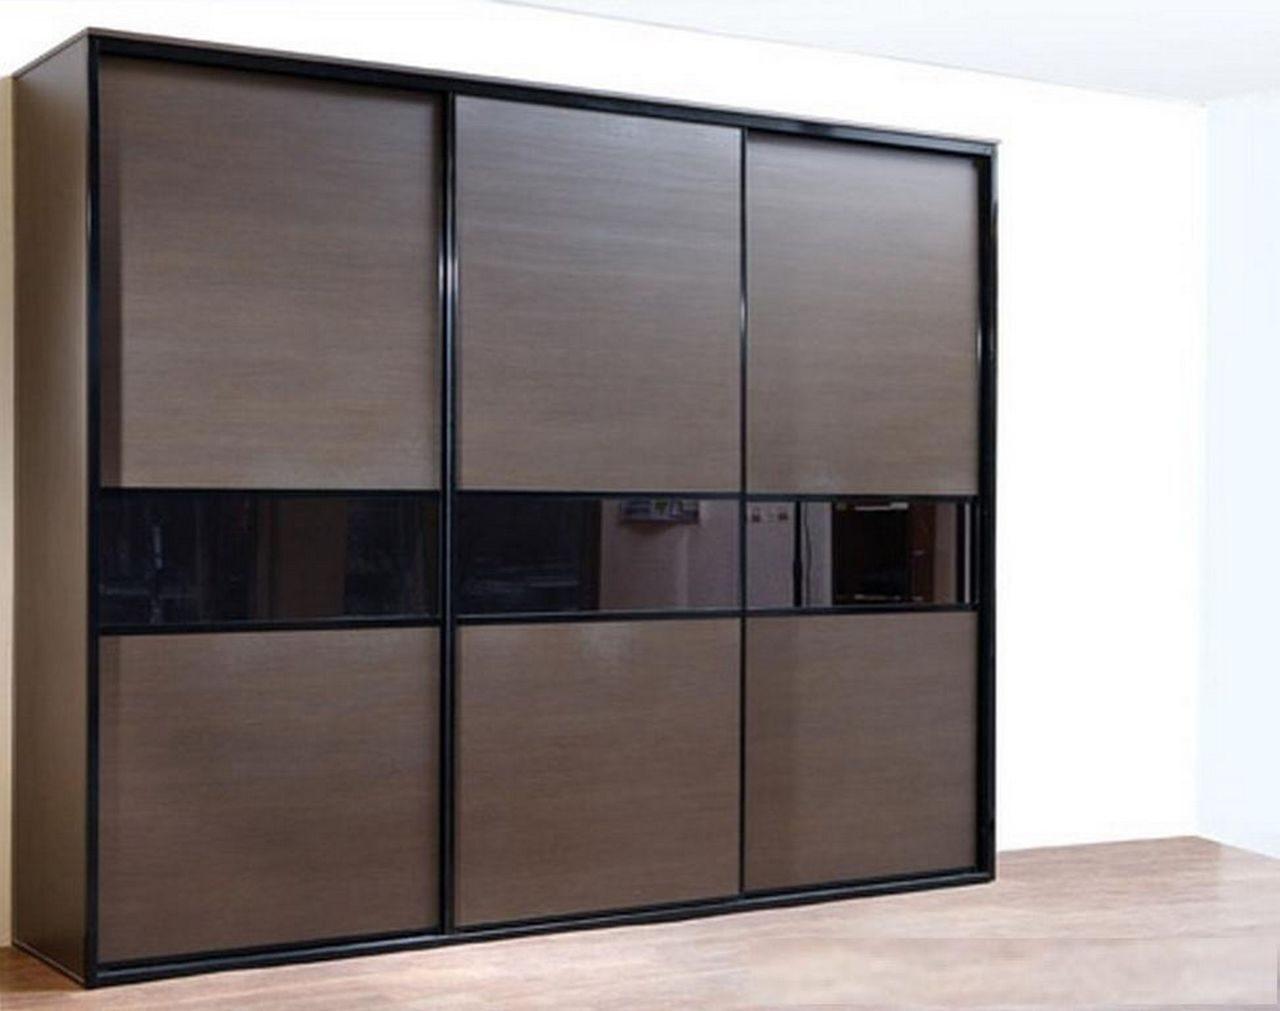 Купить шкаф-купе 3 метра длиной в москве по ценам от произво.